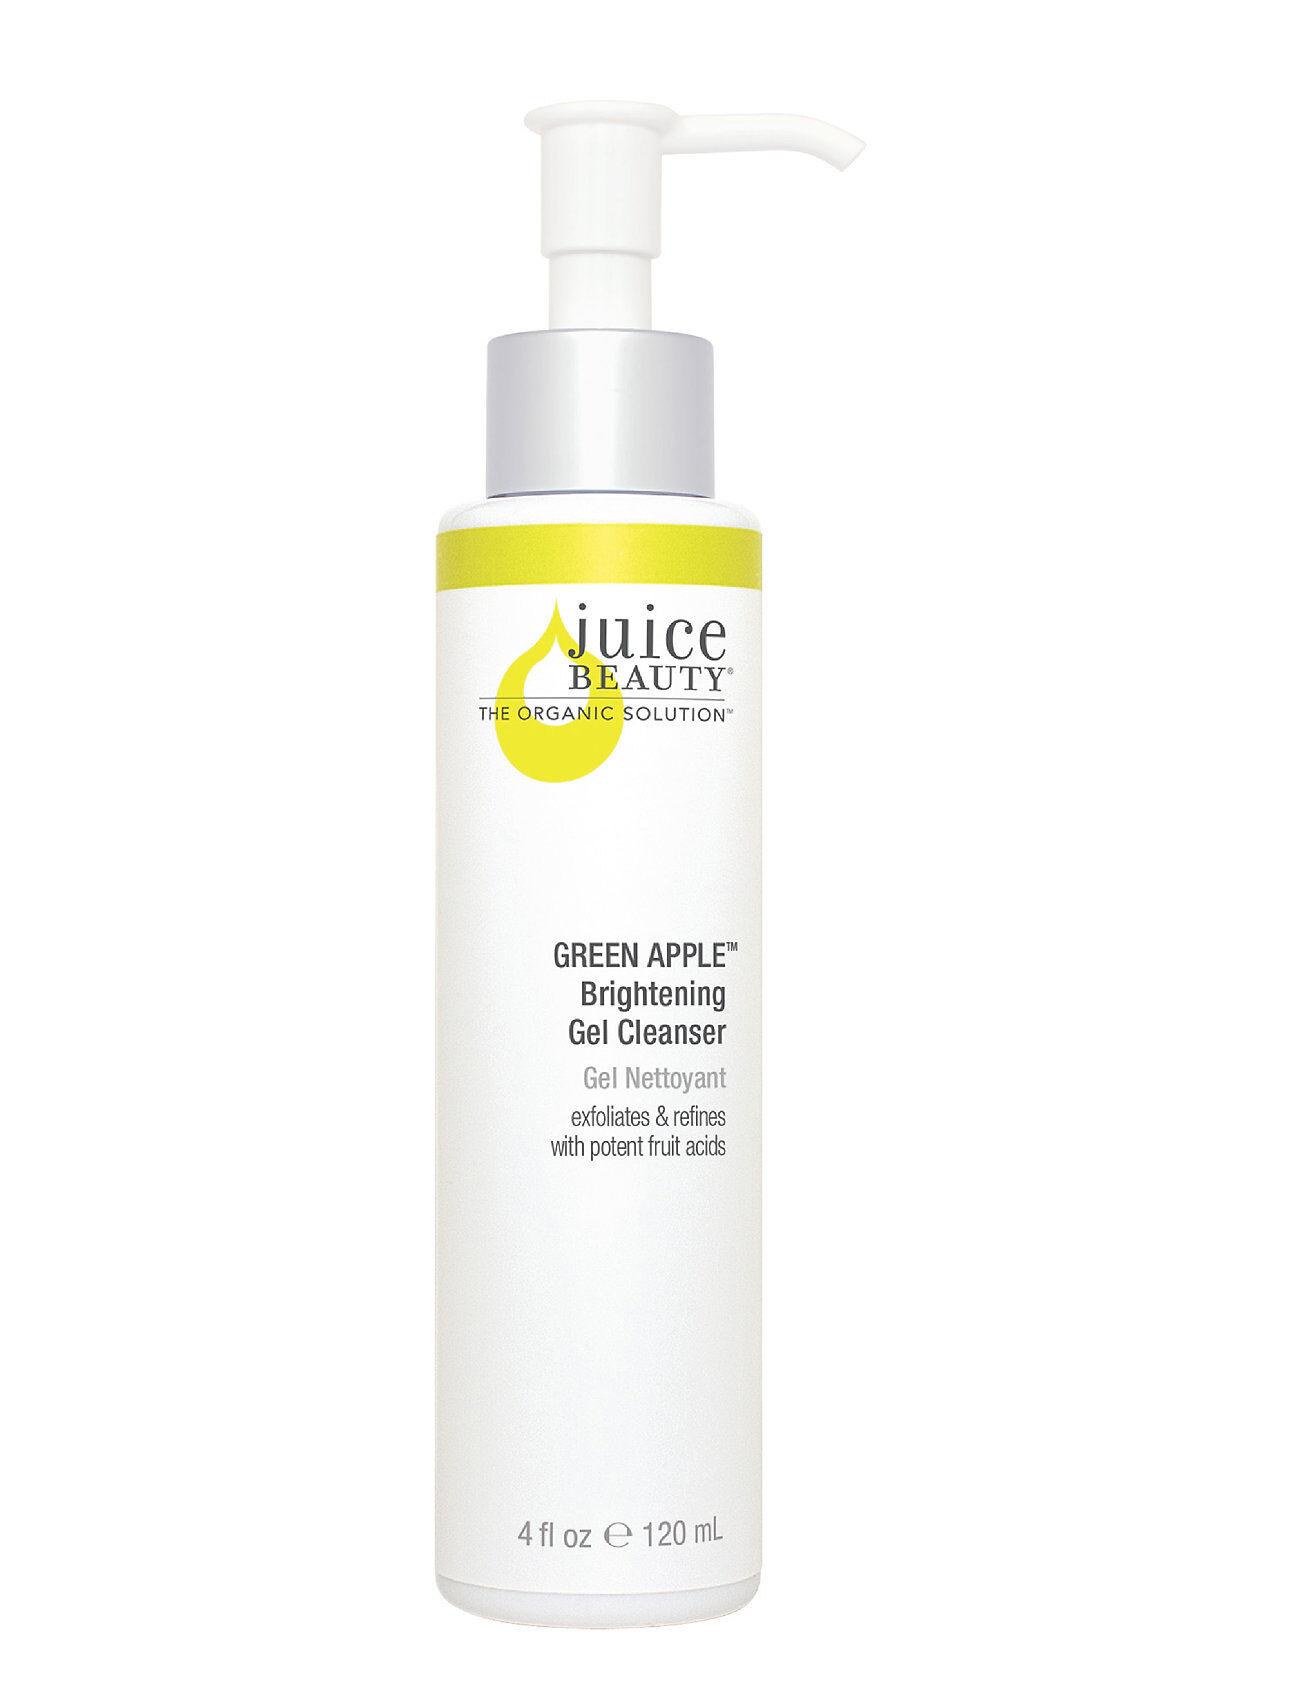 Juice Beauty Green Apple™ Cleansing Gel